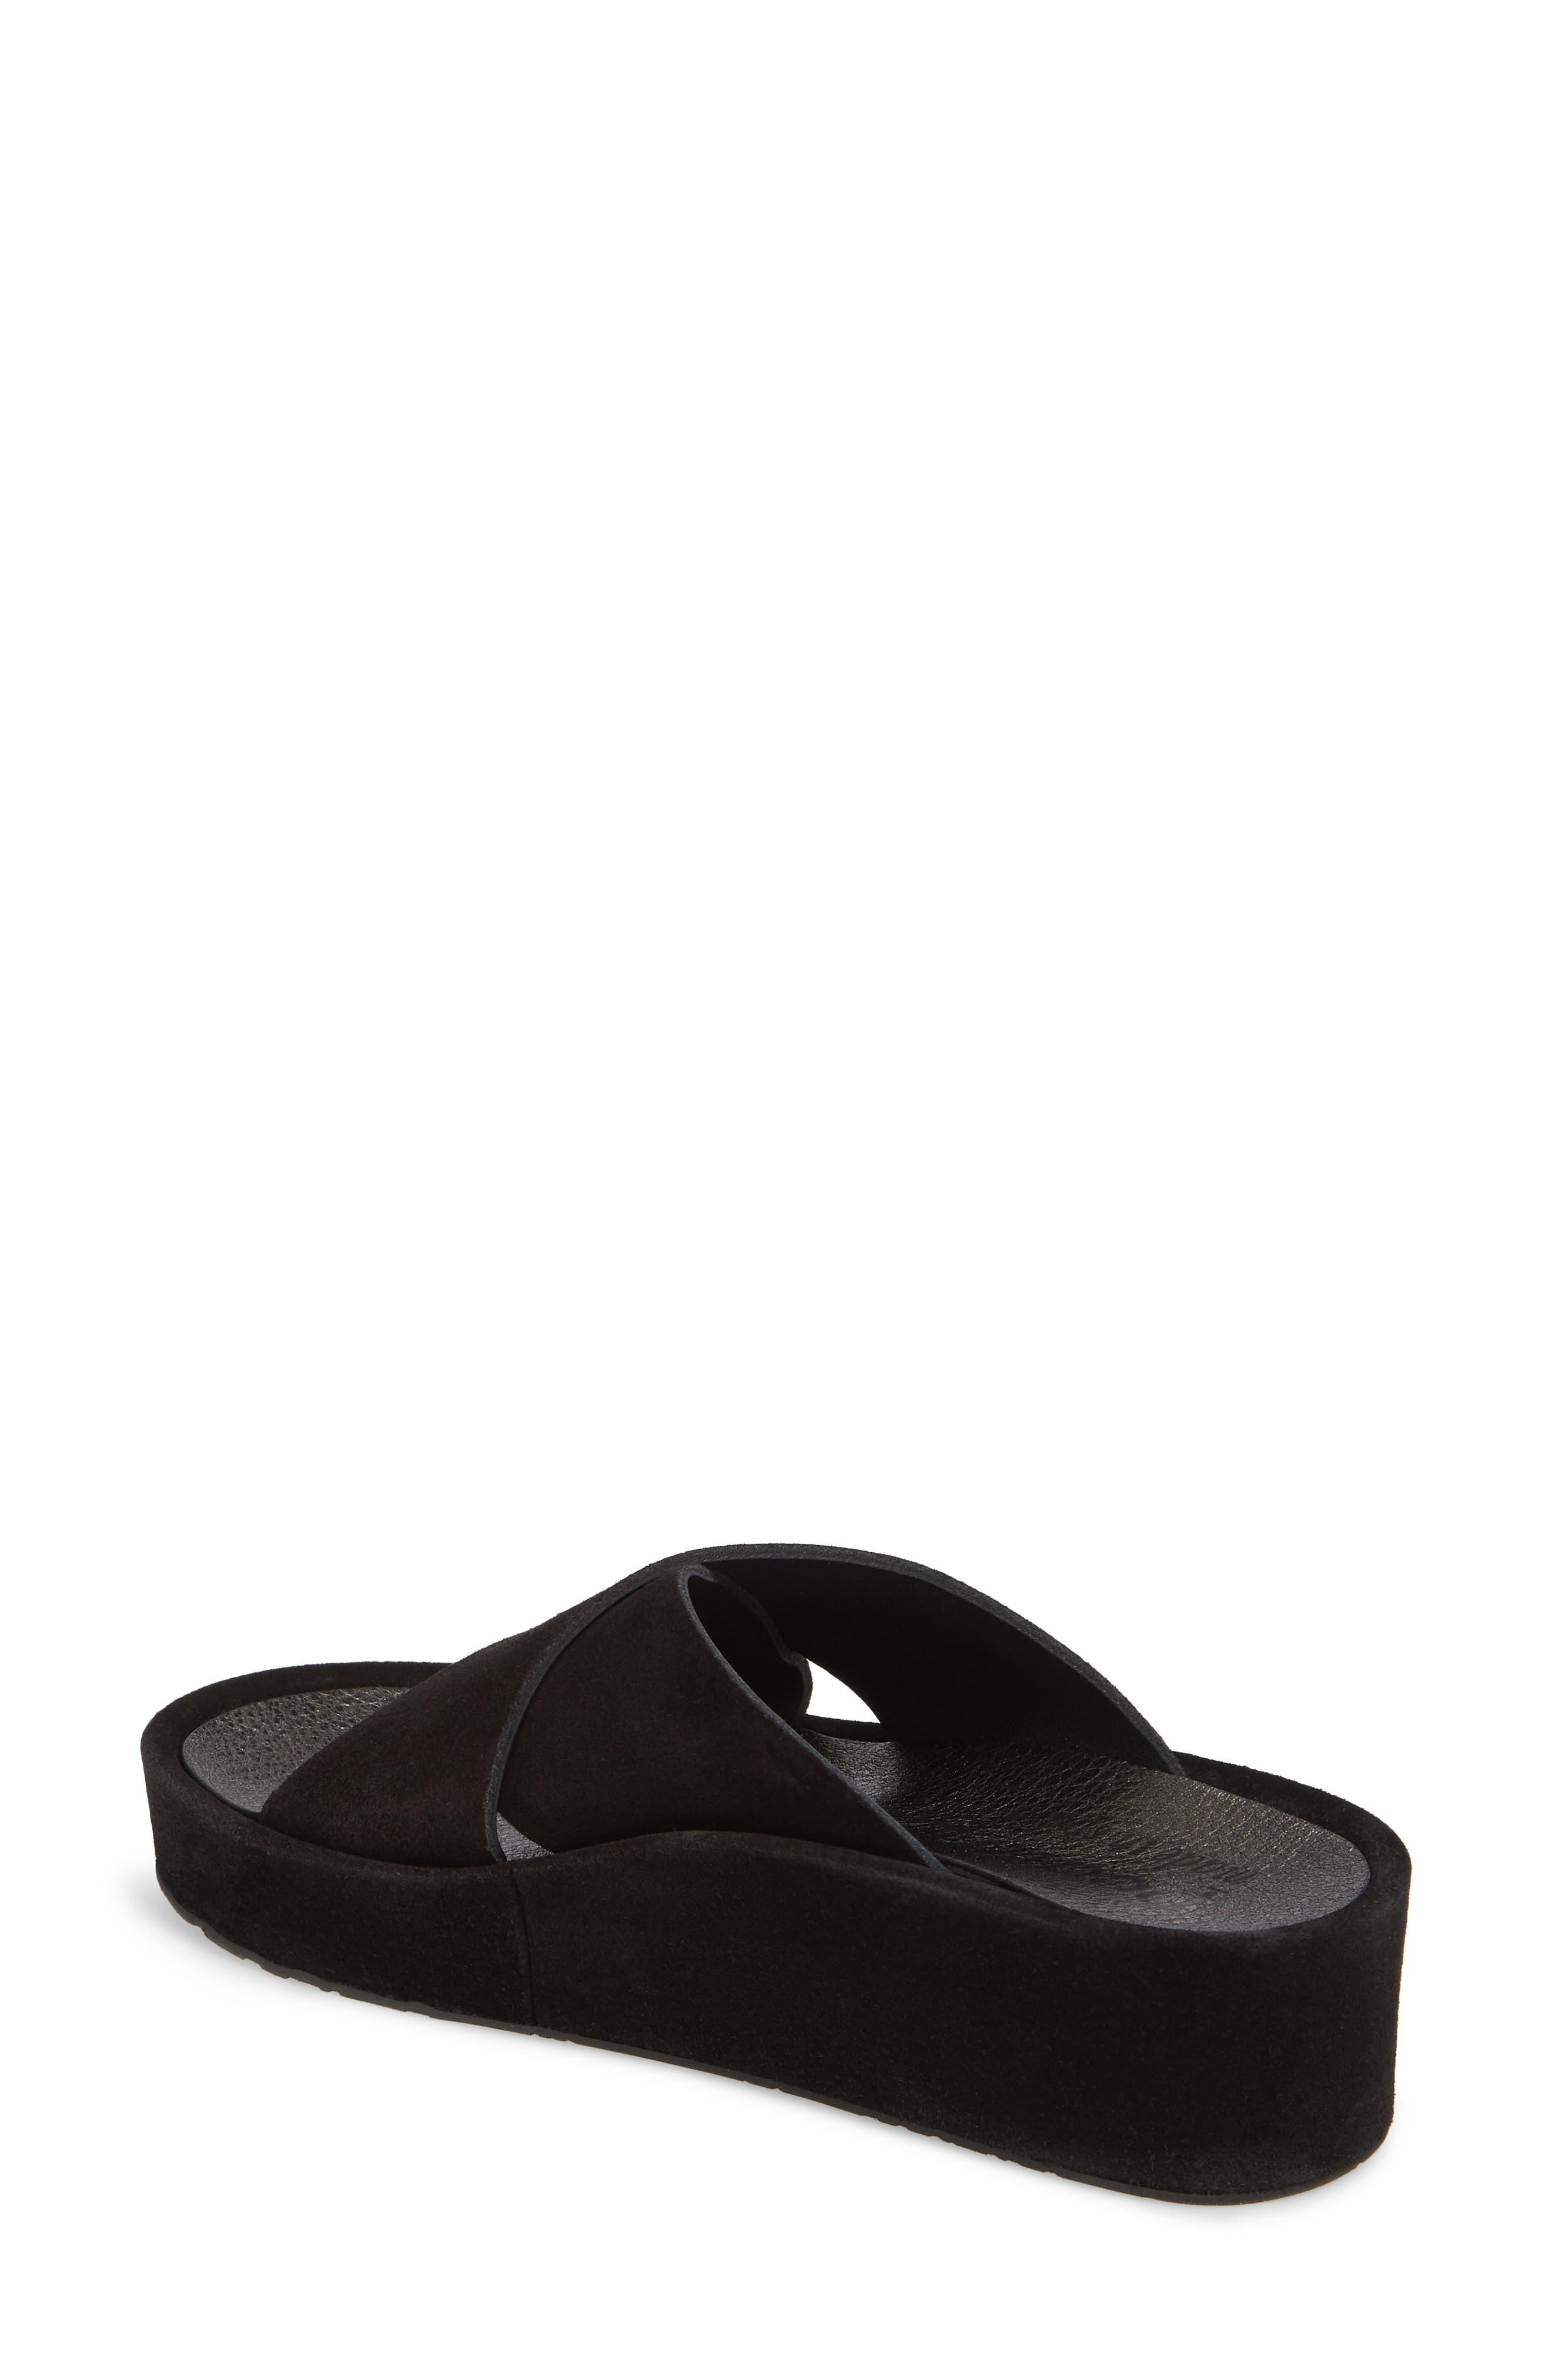 Lucca Platform Slide Sandal,                             Alternate thumbnail 2, color,                             BLACK